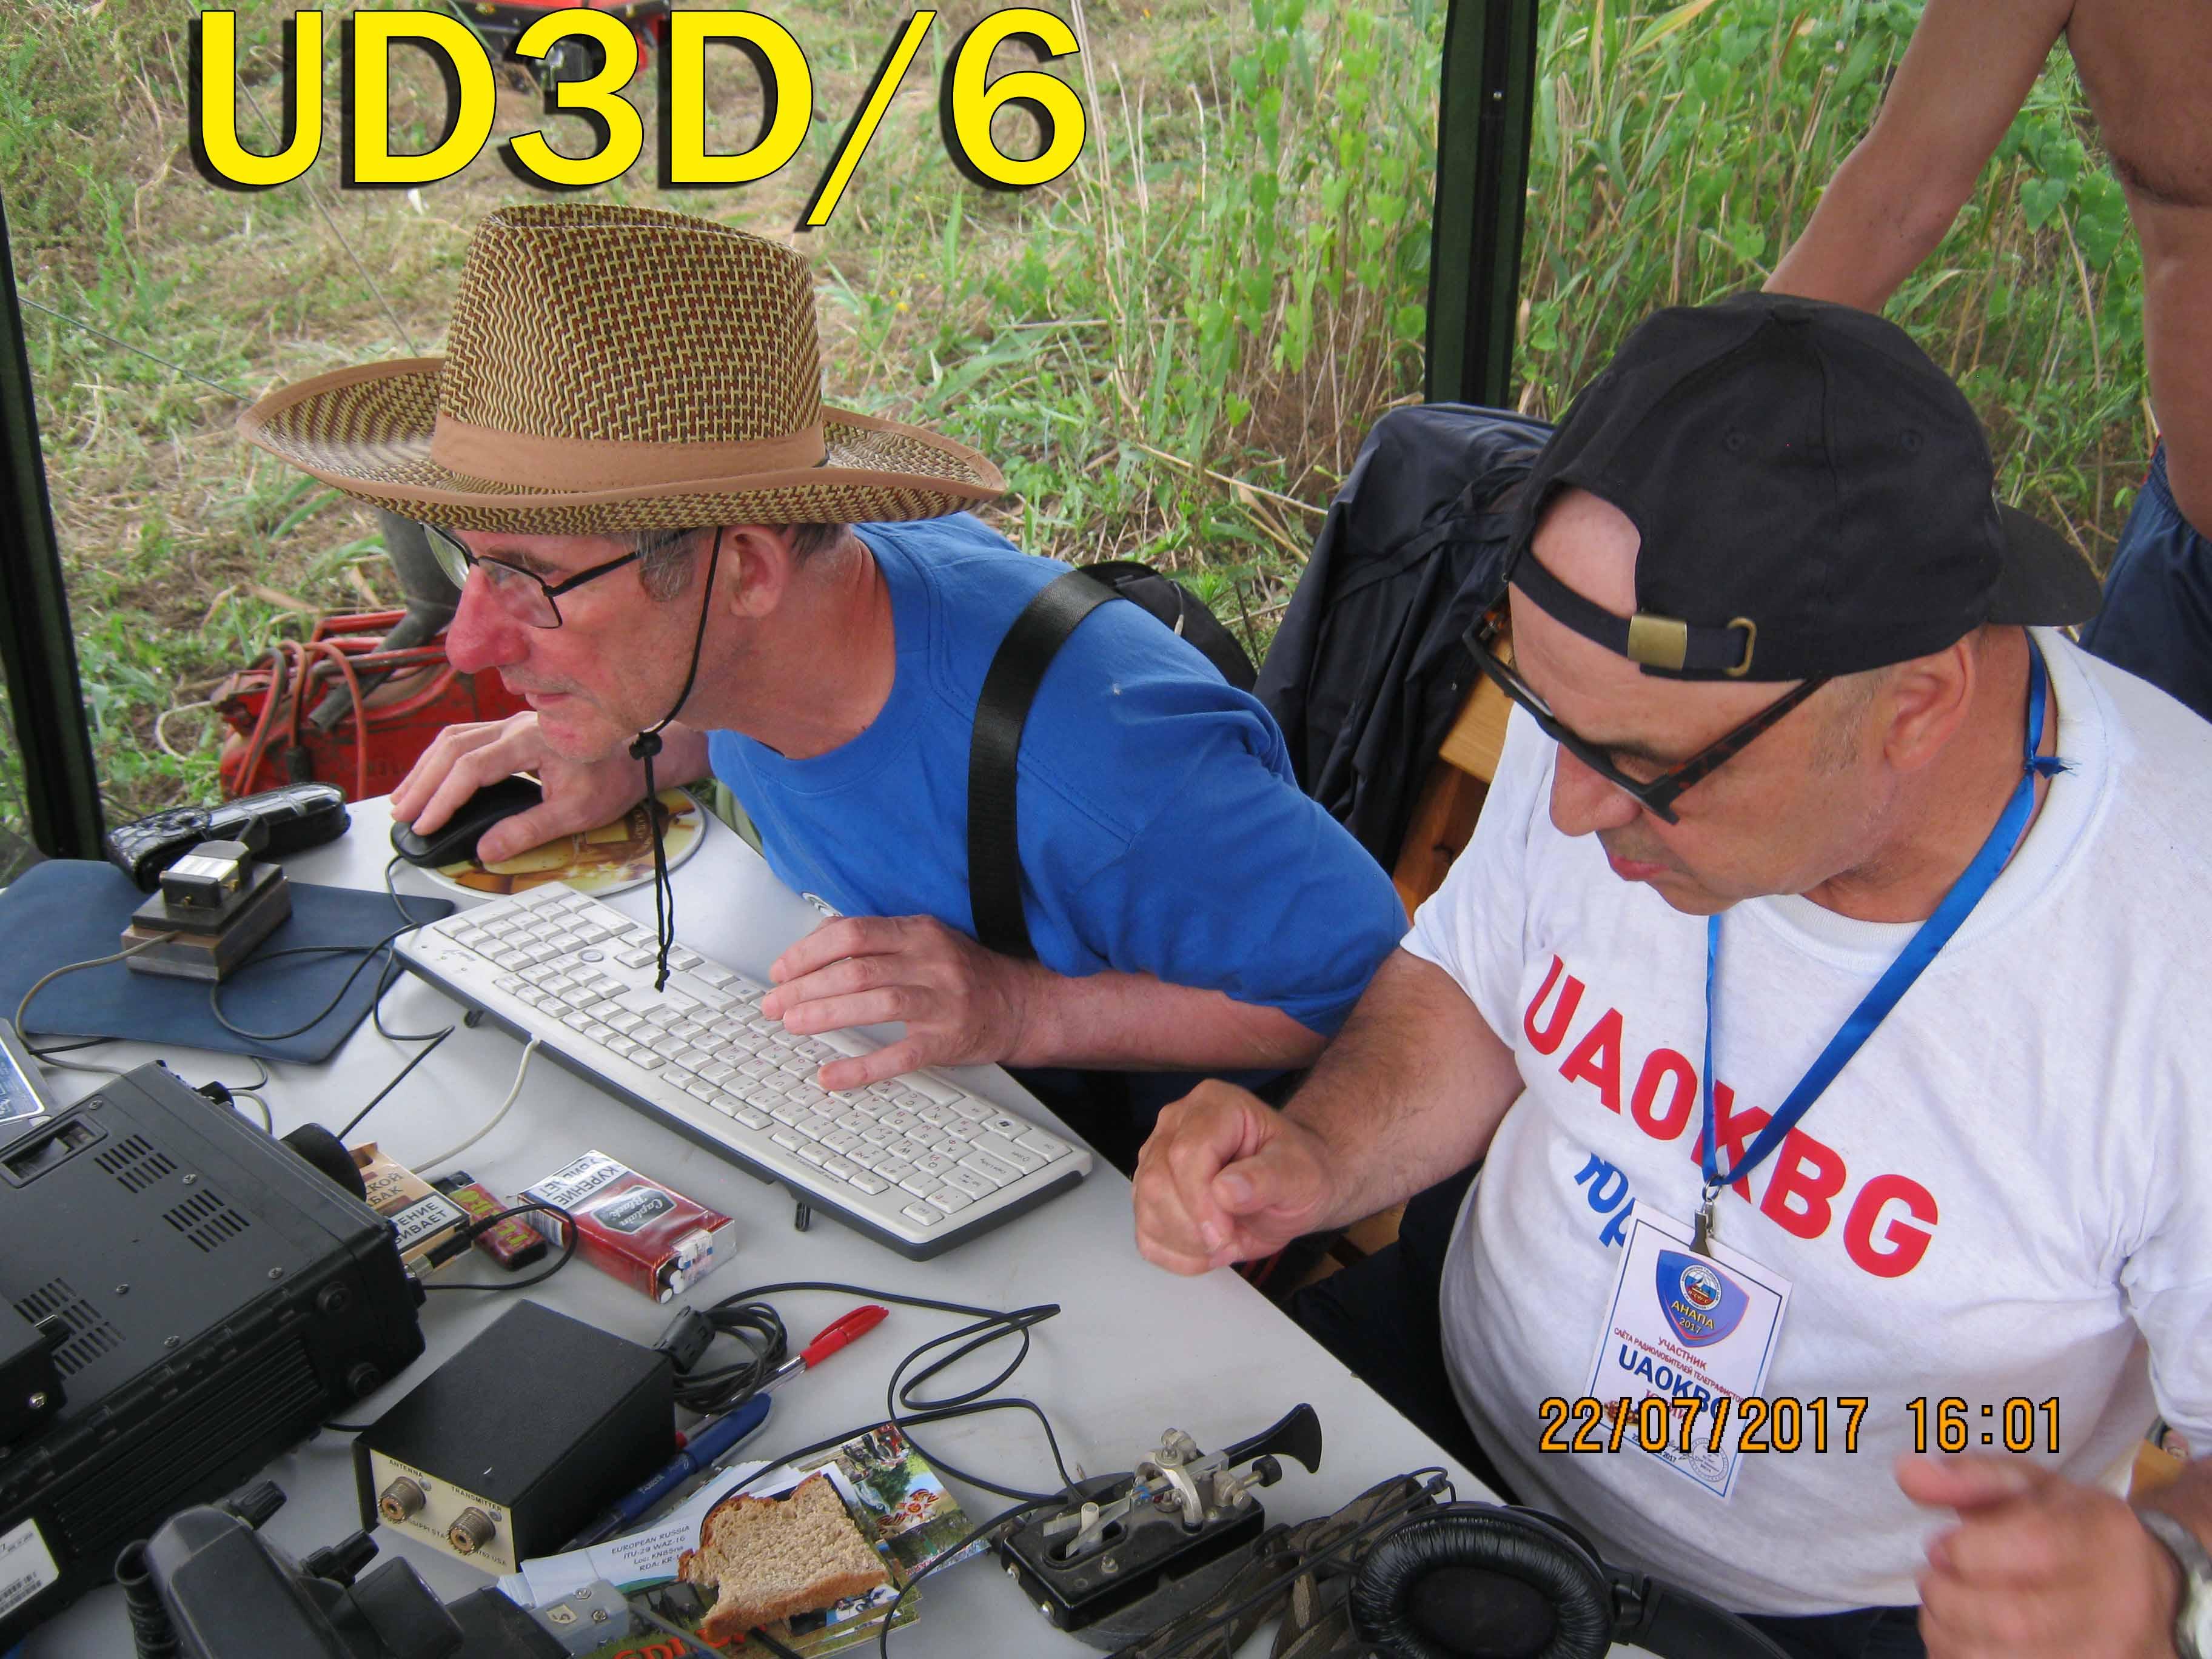 Нажмите на изображение для увеличения.  Название:UD3D-6.jpg Просмотров:2 Размер:576.5 Кб ID:193015